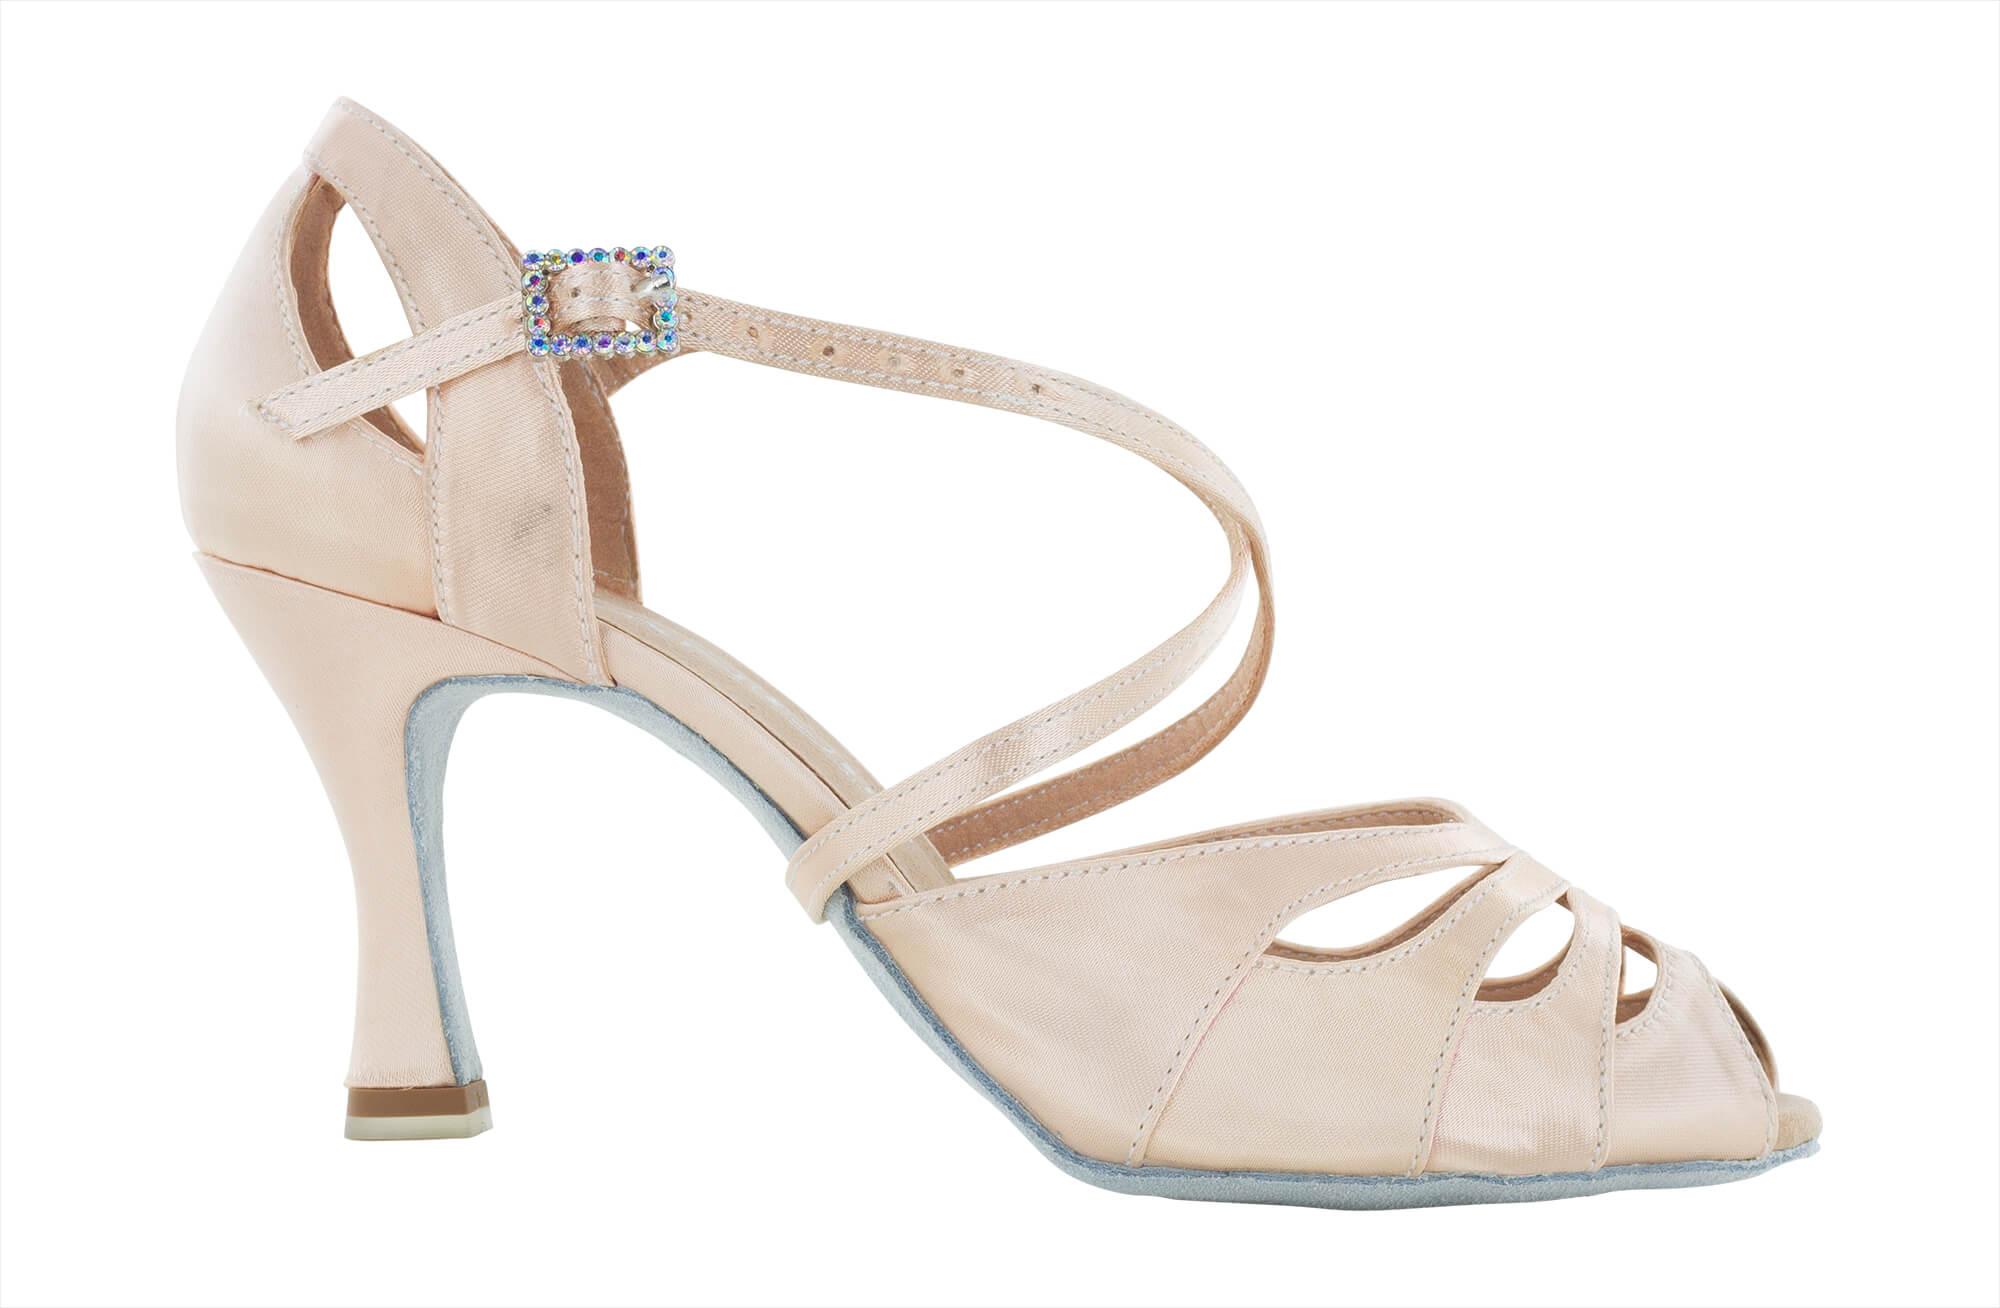 Zapato de Baile Danc'in en Raso Rosa Pálido con tacón de 7'5cm